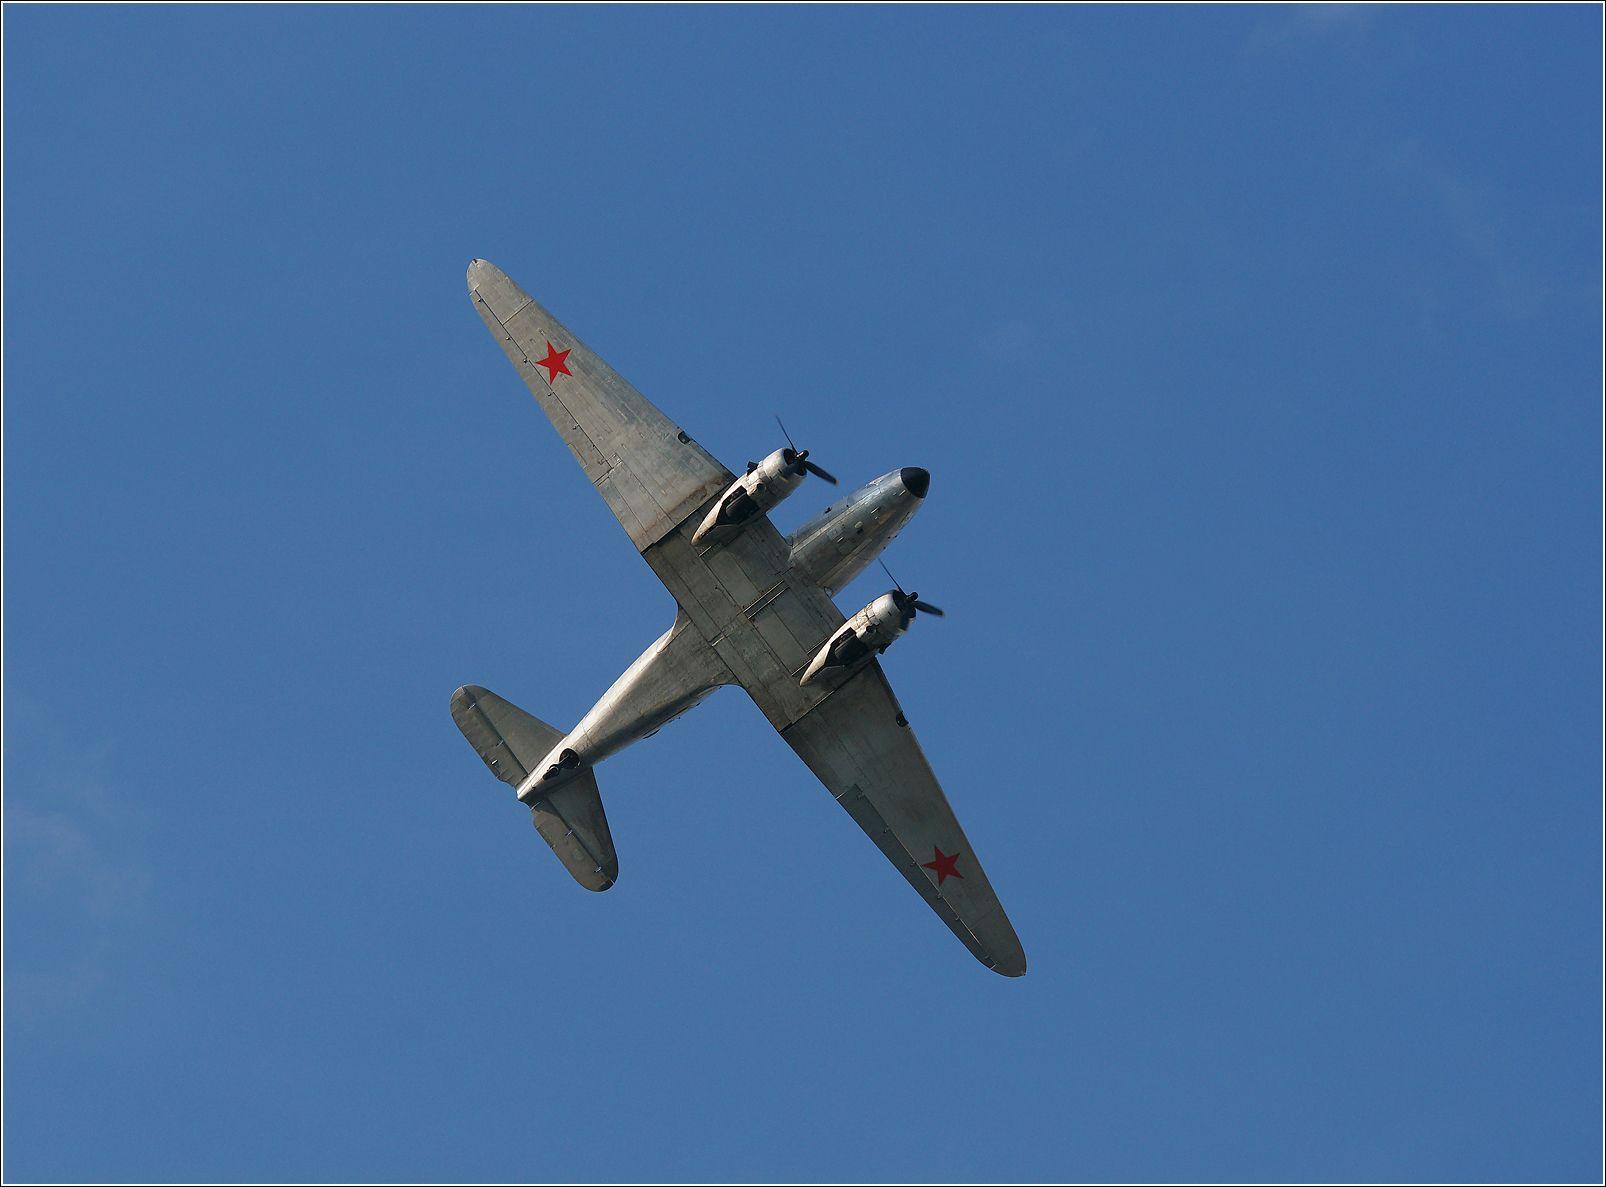 Дуглас (2015 год) Дуглас авиация самолет полет Жуковский МАКС 2015